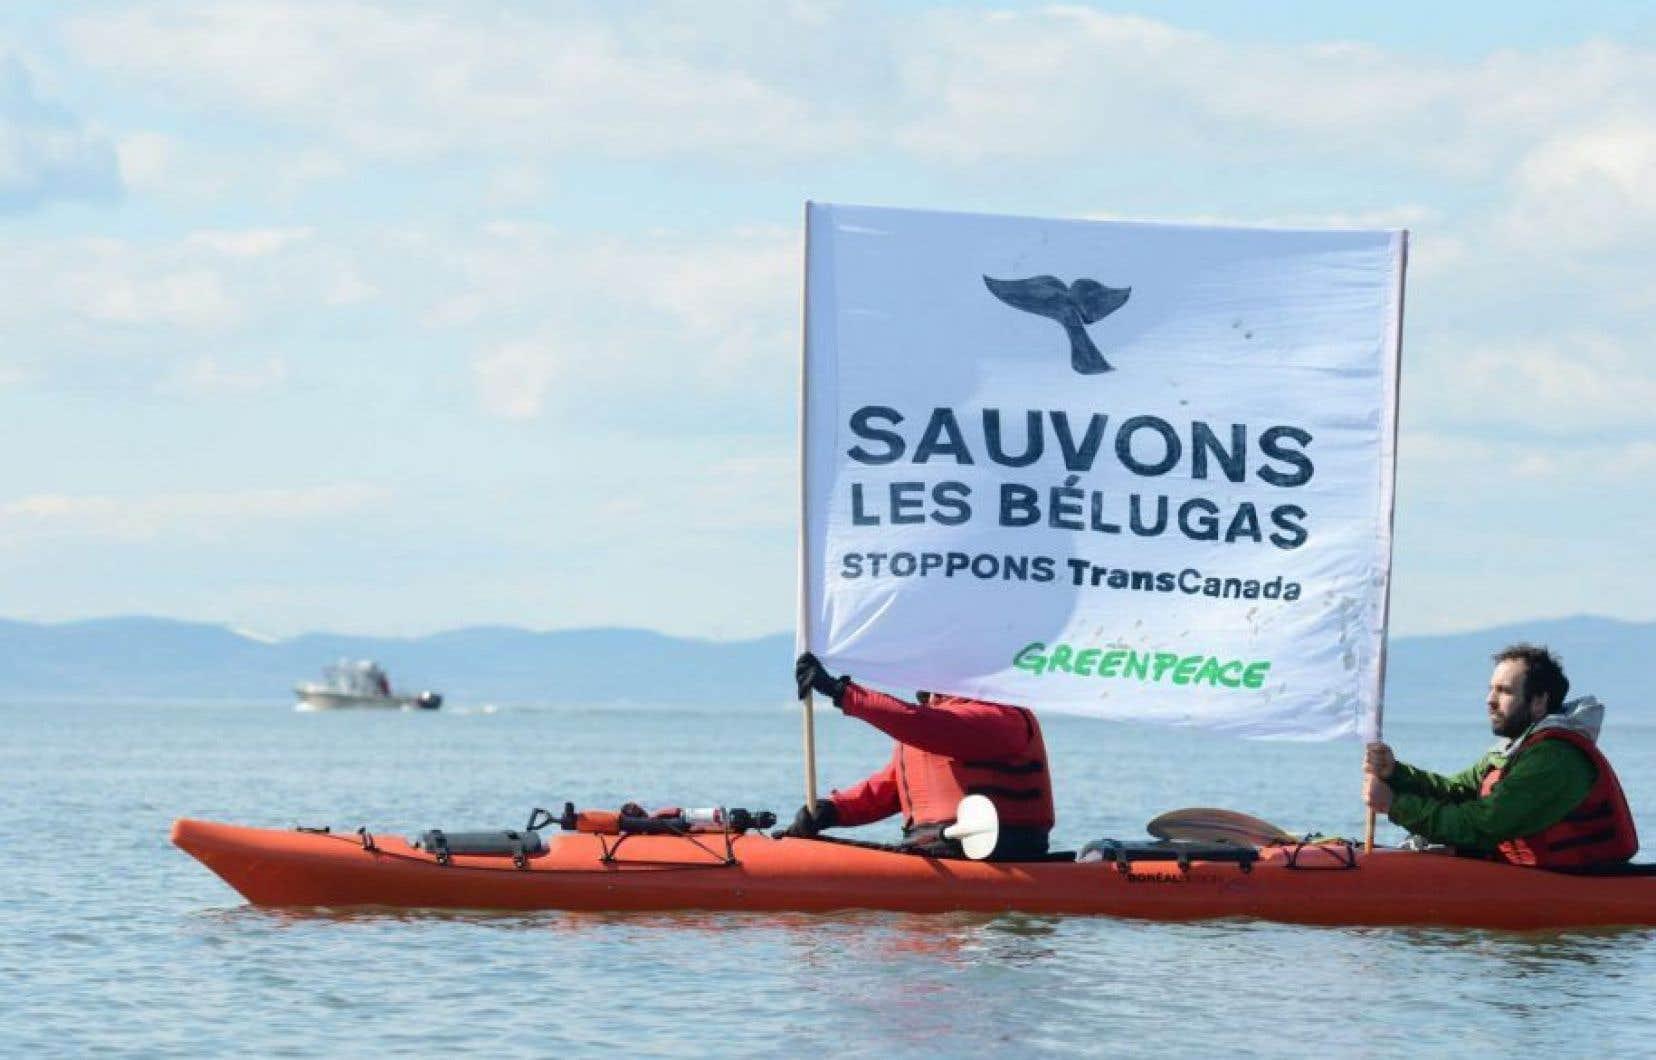 La décision de la Cour supérieure du Québec, tombée lundi après-midi, n'a pas plu aux groupes environnementalistes.